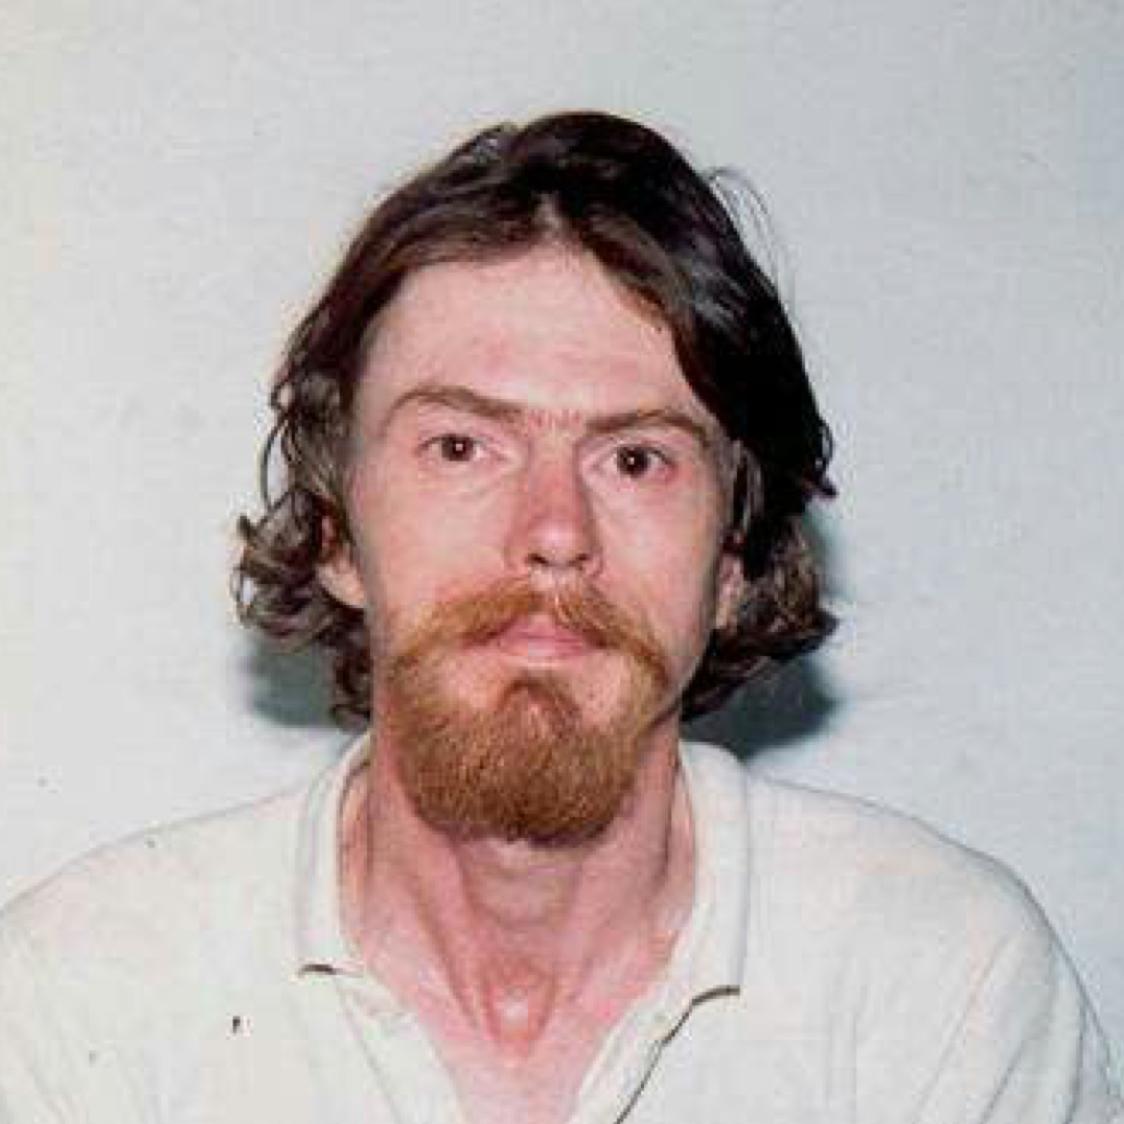 Marjorie Diehl-Armstrong brachte 3 Männer um wurde. Auf Ihren Ex-Freund James Roden feuerte sie 6 Schüsse. -